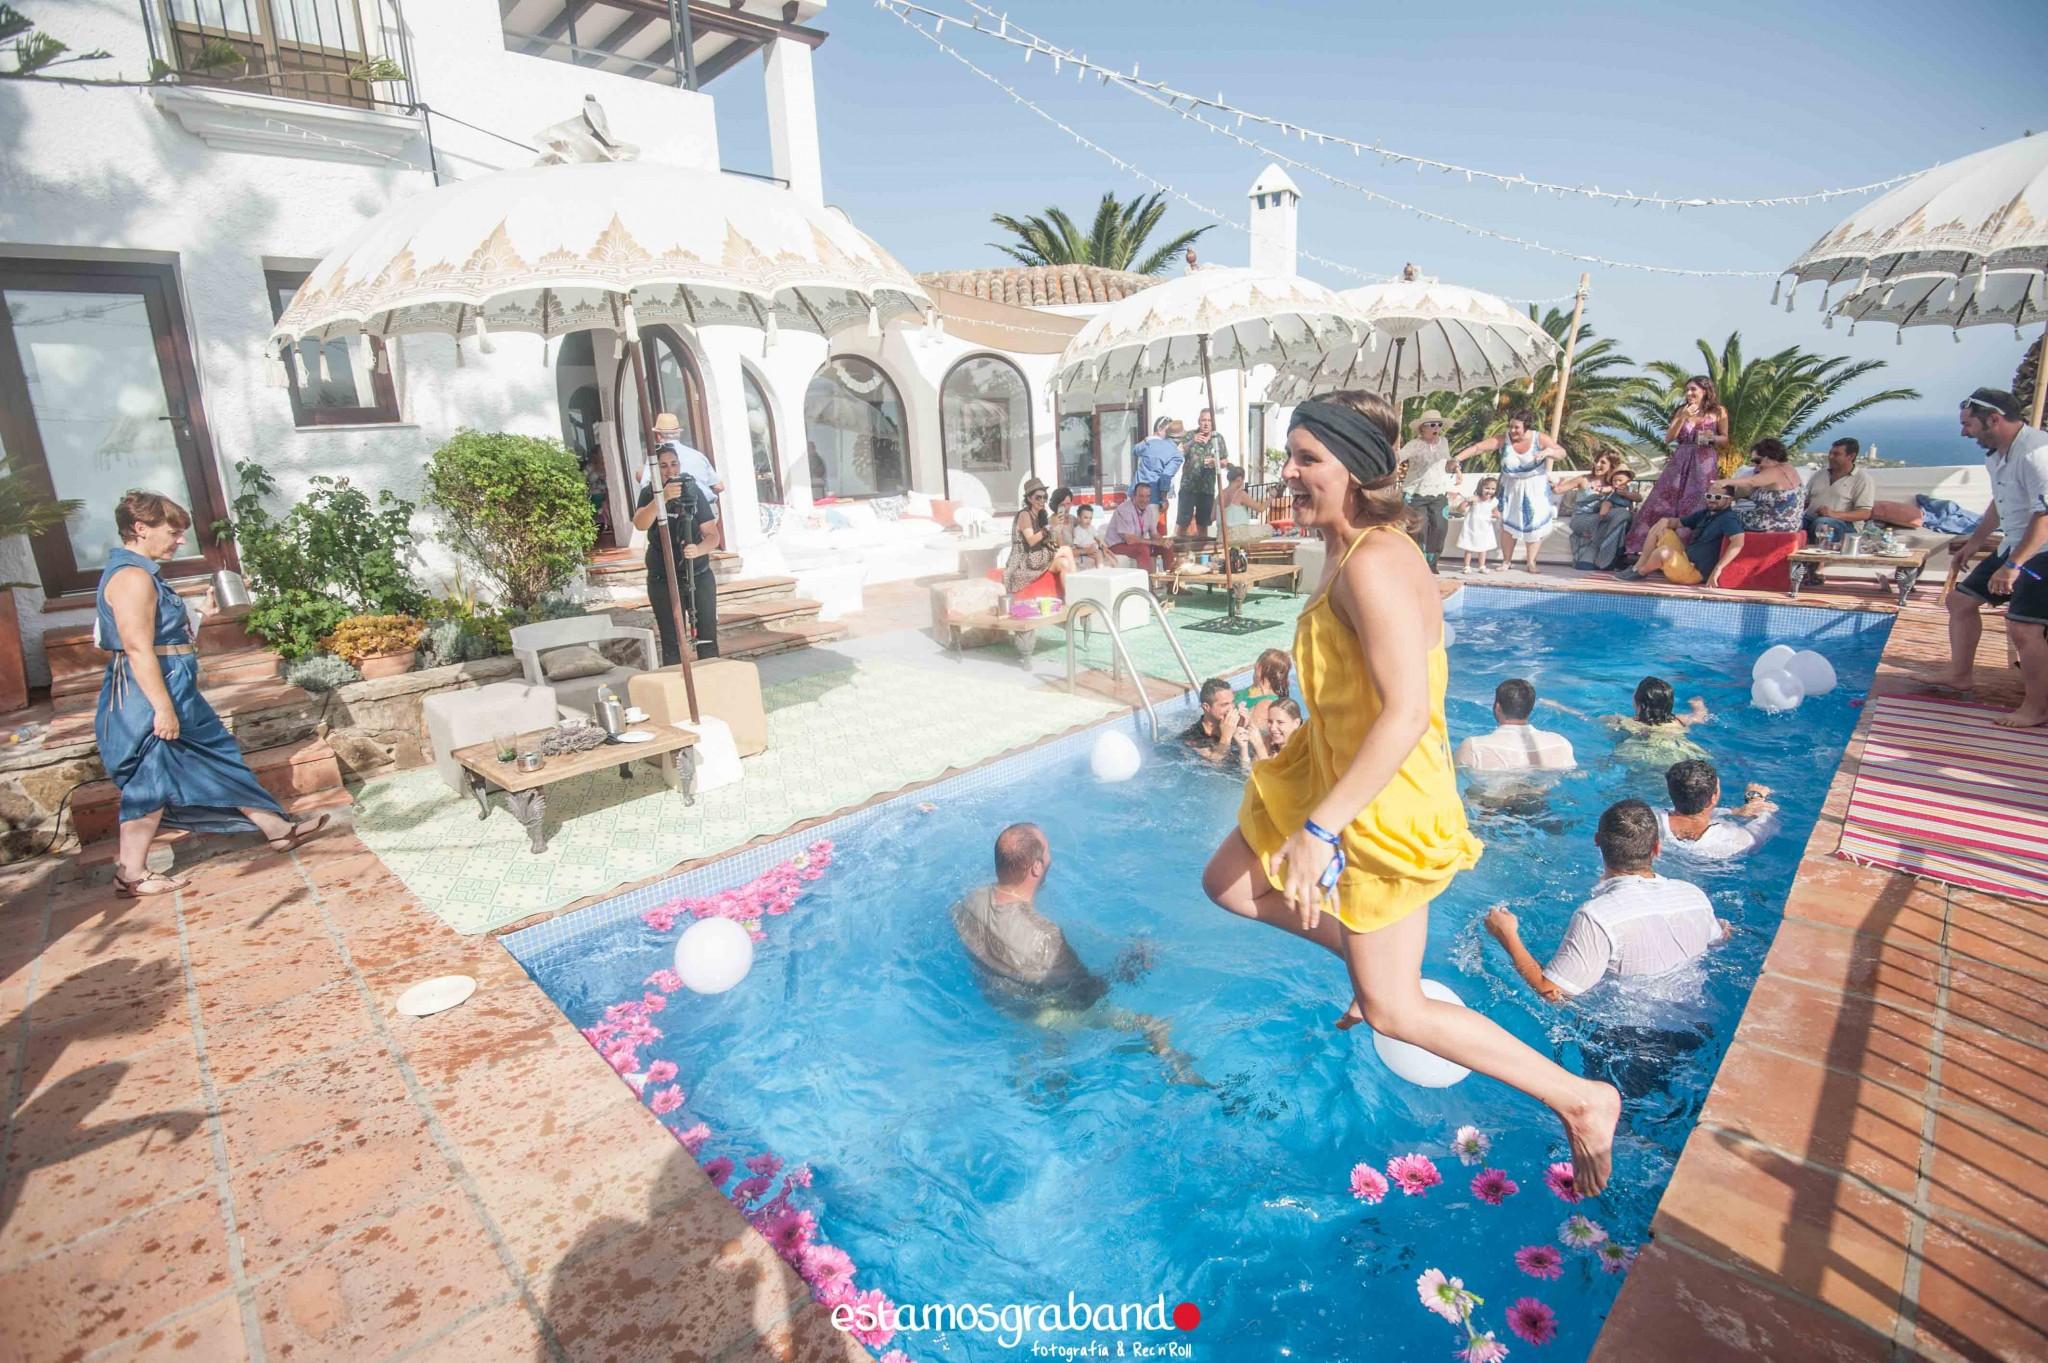 Alba-y-Jose-BTTW-38 Los invitados de Alba & Jose [Back to the wedding_Atlanterra, Zahara de los Atunes] - video boda cadiz